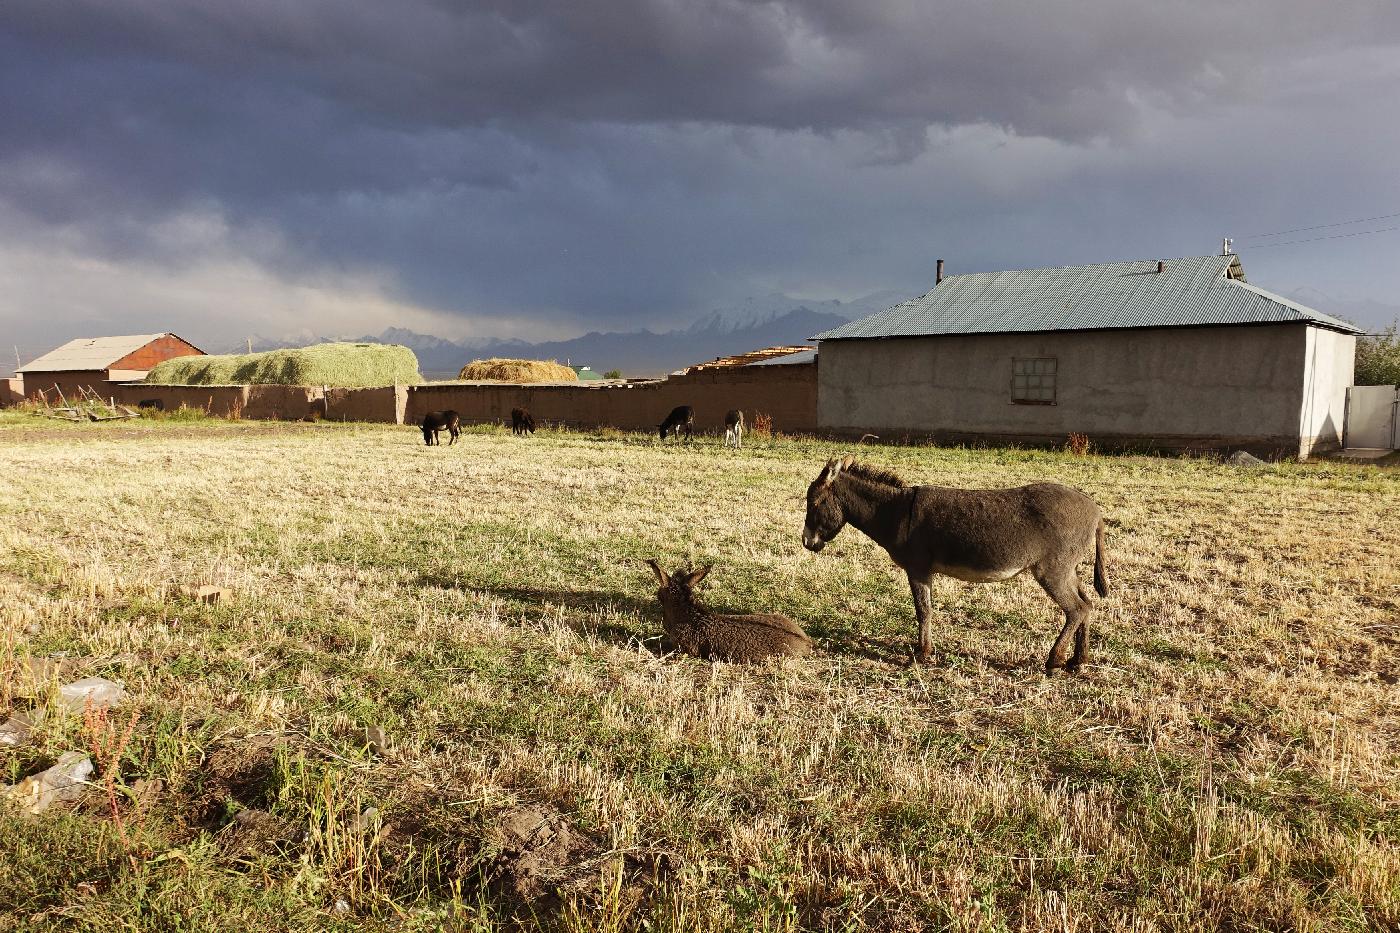 Sary Mogol donkey Khirghizstan